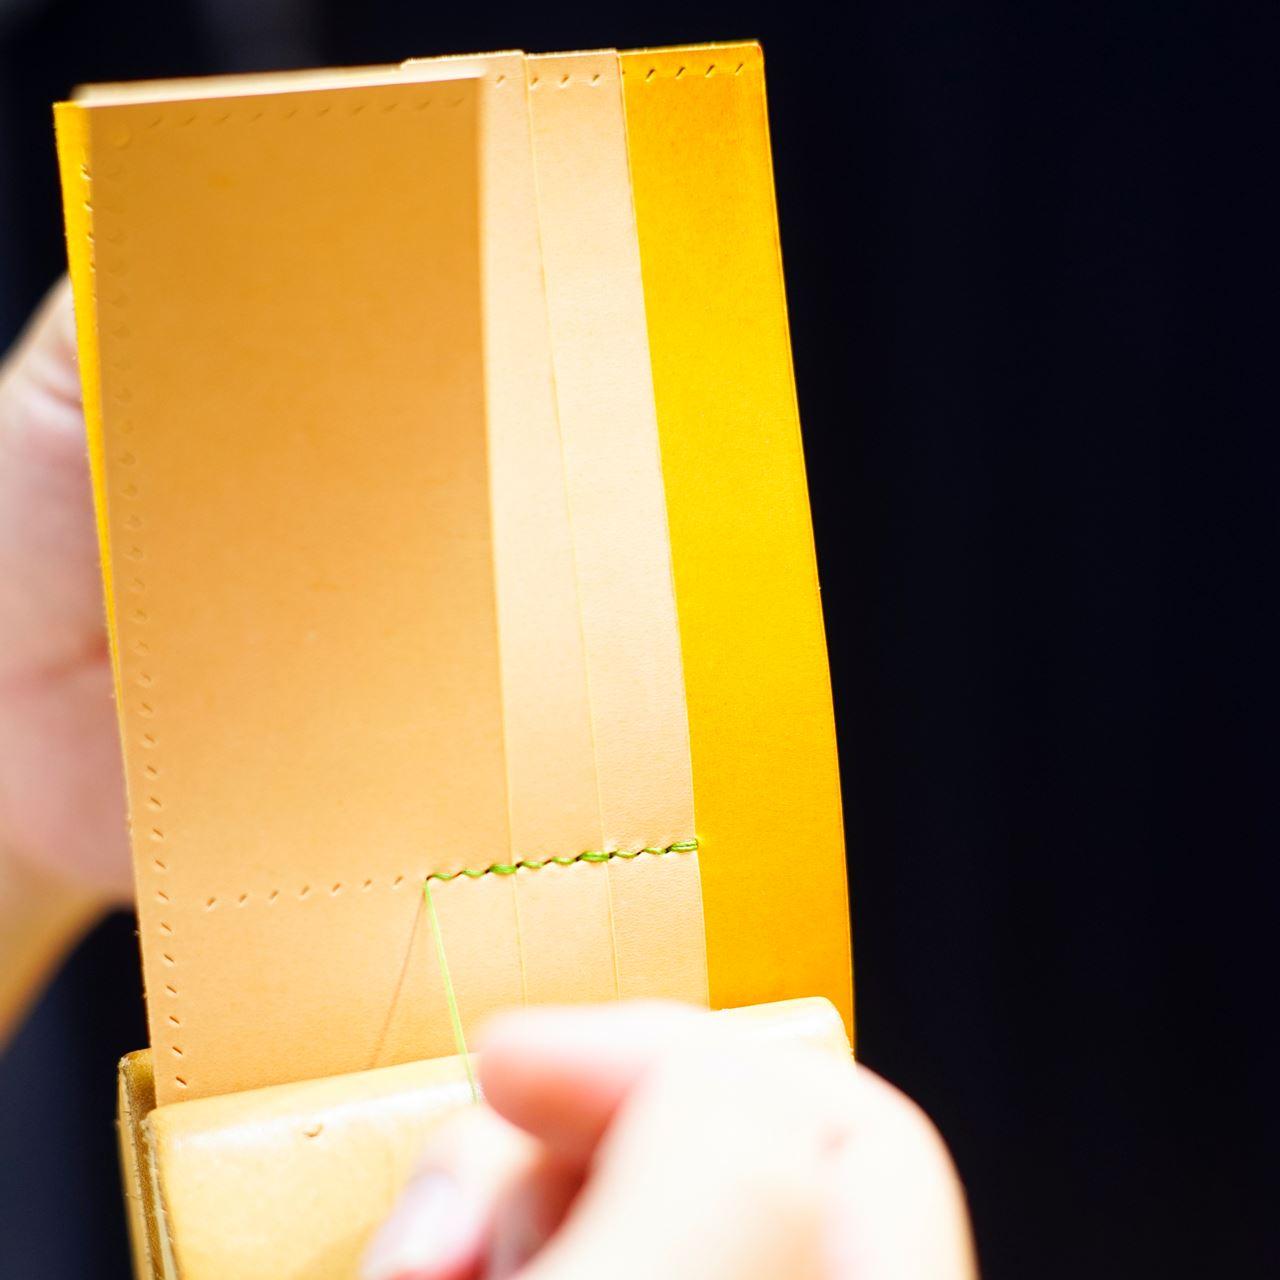 緑と黄と生成りの長財布2型をつくる